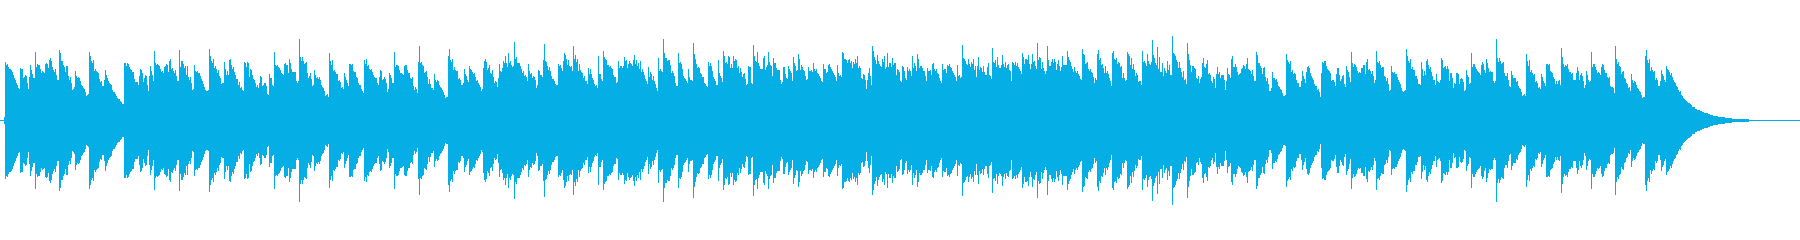 オルゴール-メロディ強調しすぎない清涼感の再生済みの波形